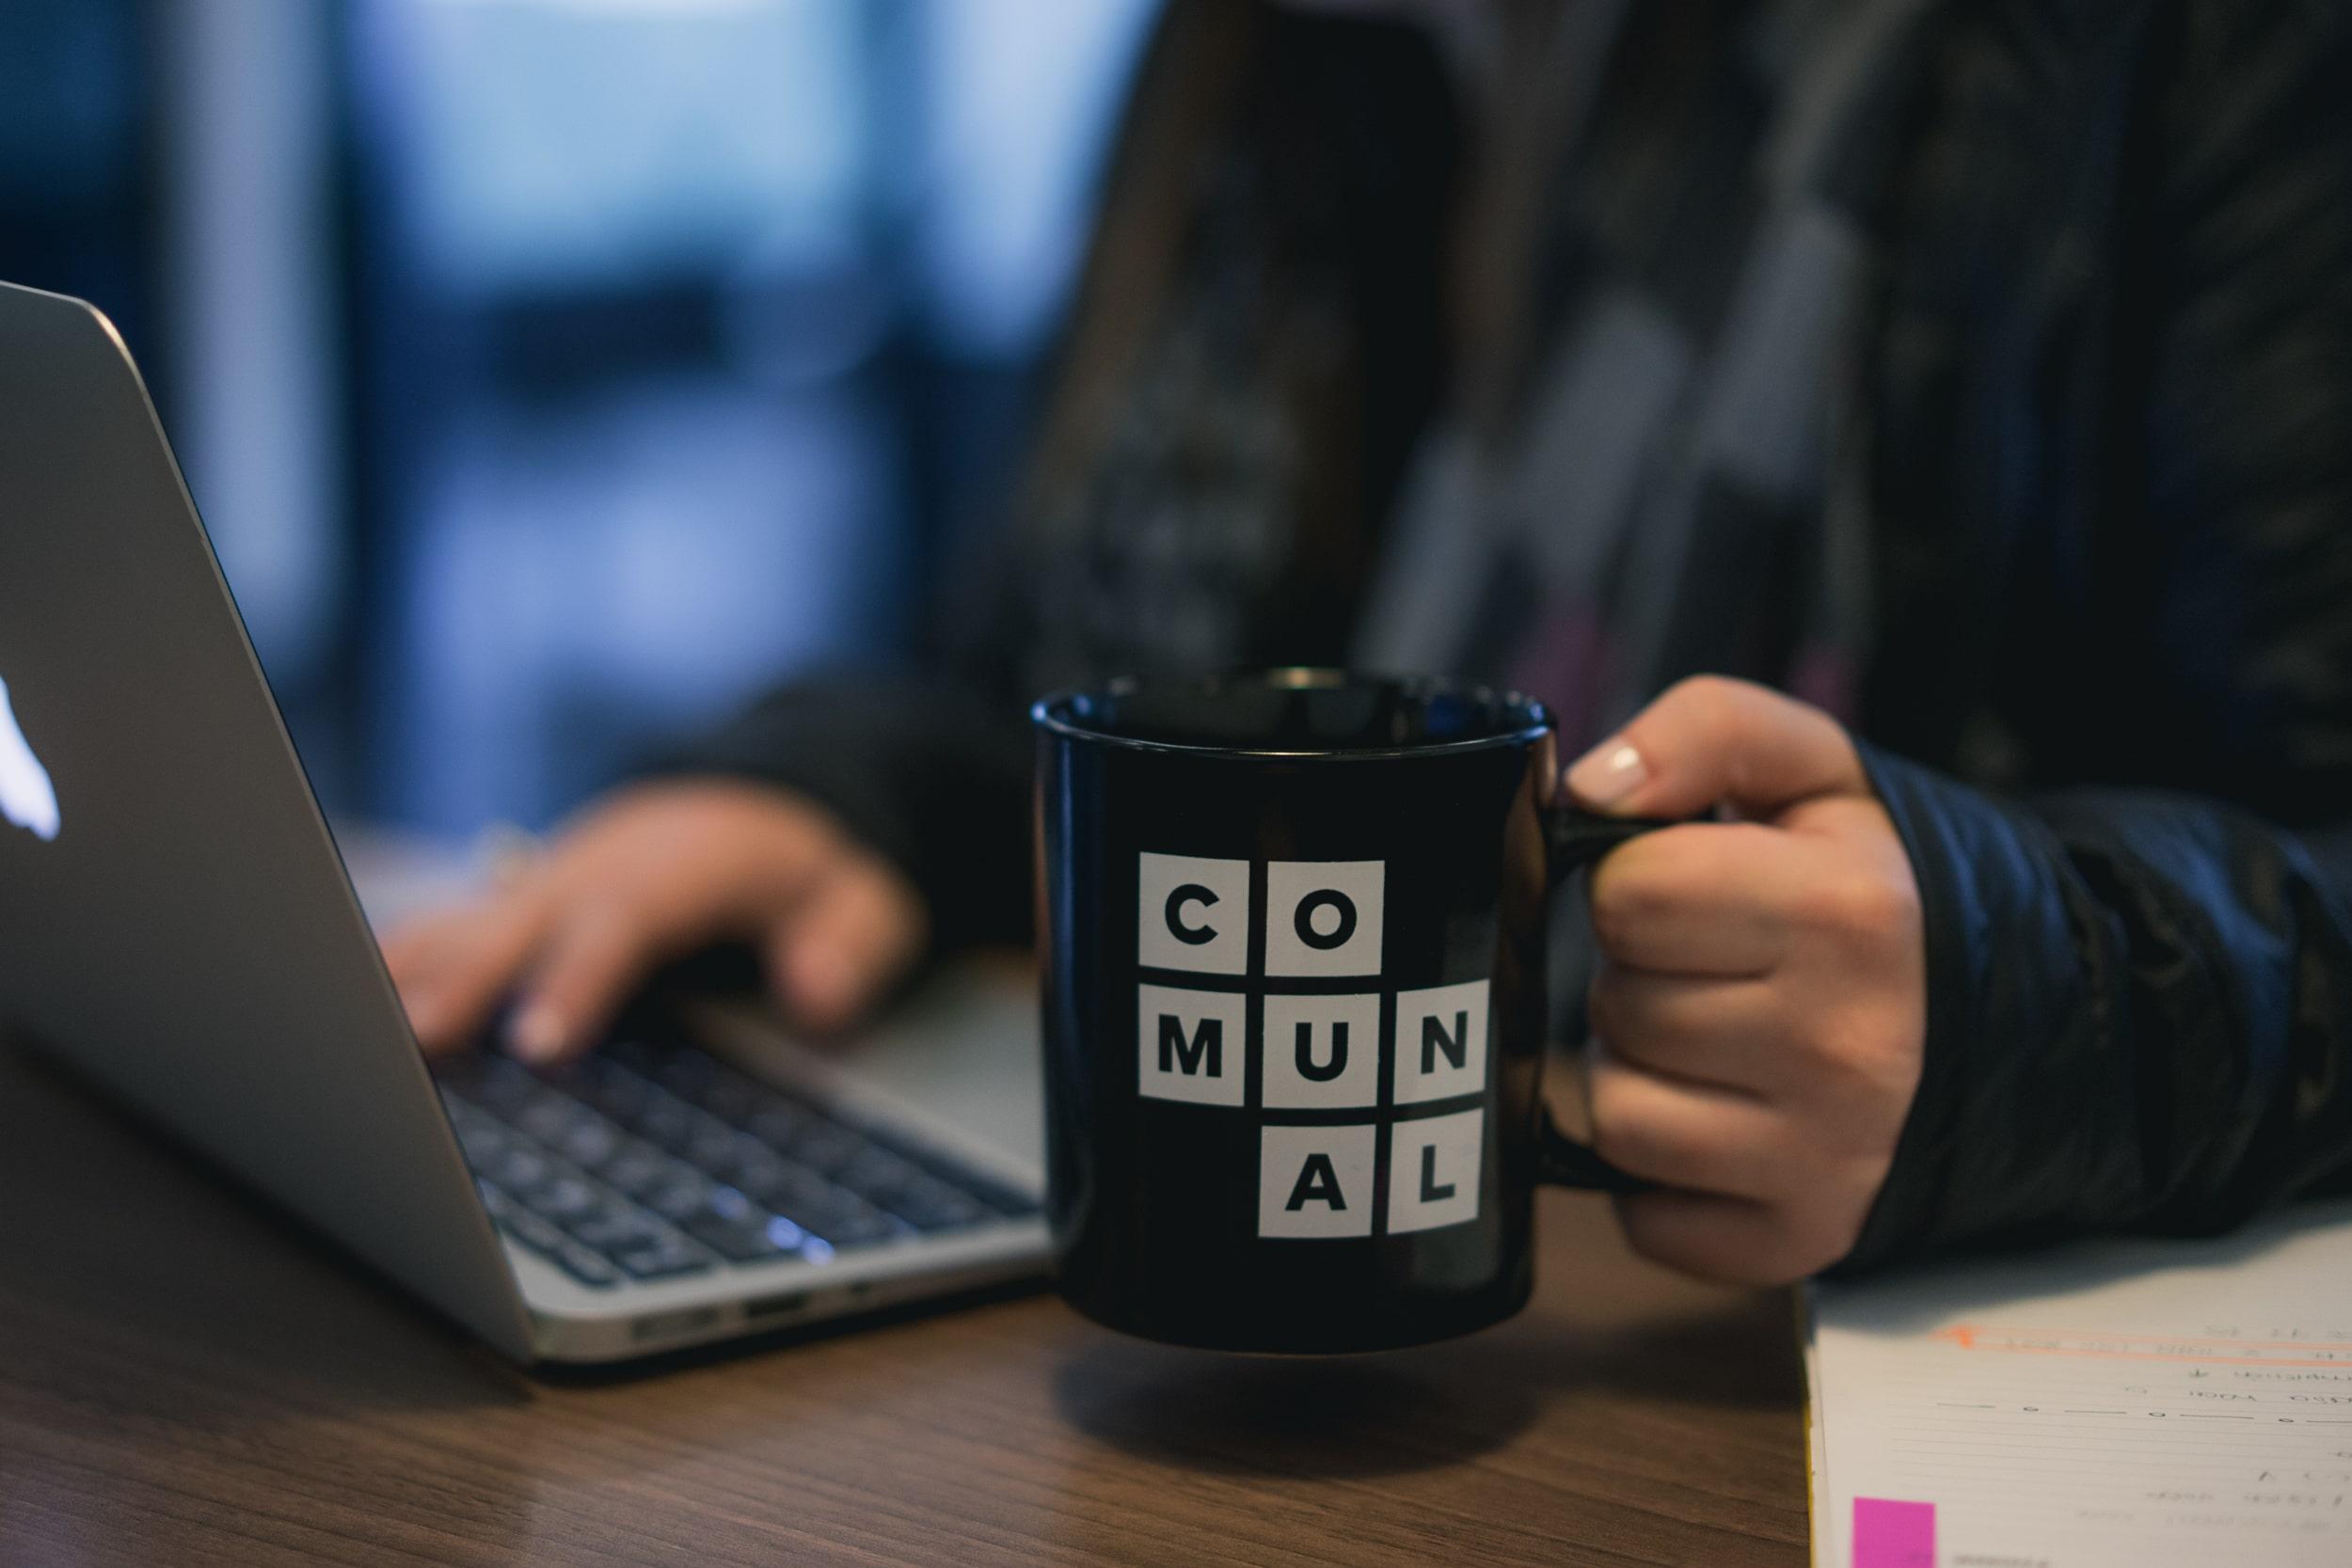 escritorio con laptop y taza de comunal